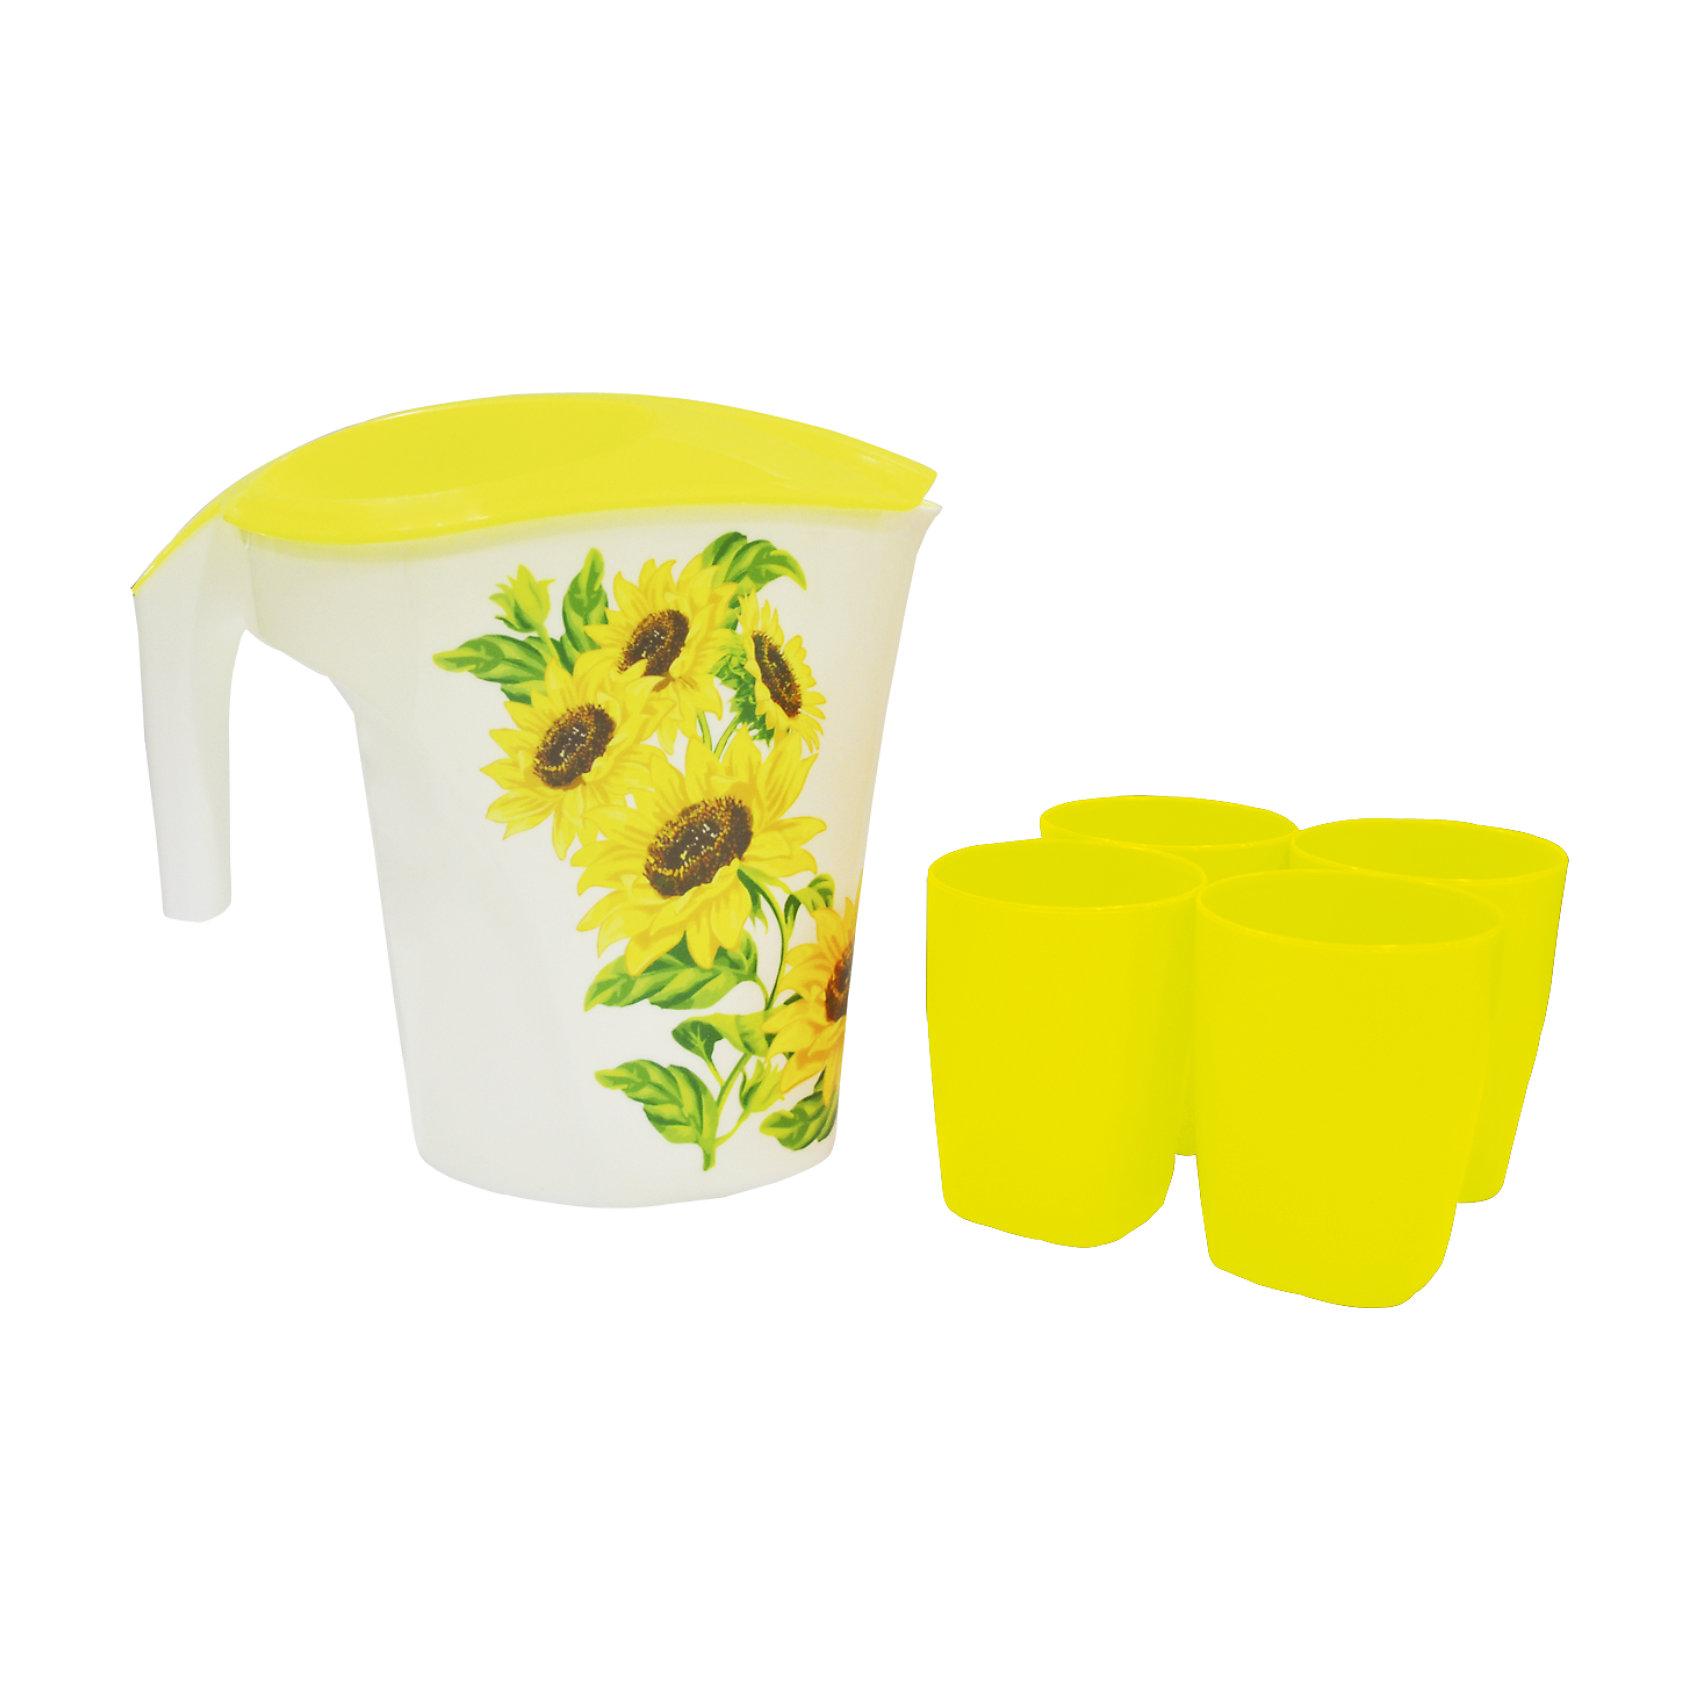 Кувшин Подсолнухи 3 л и 4 стакана, Plastic CentreНабор, состоящий из кувшина для воды и 4 стаканов, можно использовать как дома, так и на природе. В кувшине прекрасно подавать на стол прохладительные напитки, воду и соки. Упакован в термоусадку + яркая этикетка.<br><br>Ширина мм: 248<br>Глубина мм: 155<br>Высота мм: 235<br>Вес г: 285<br>Возраст от месяцев: 216<br>Возраст до месяцев: 1188<br>Пол: Унисекс<br>Возраст: Детский<br>SKU: 5545699